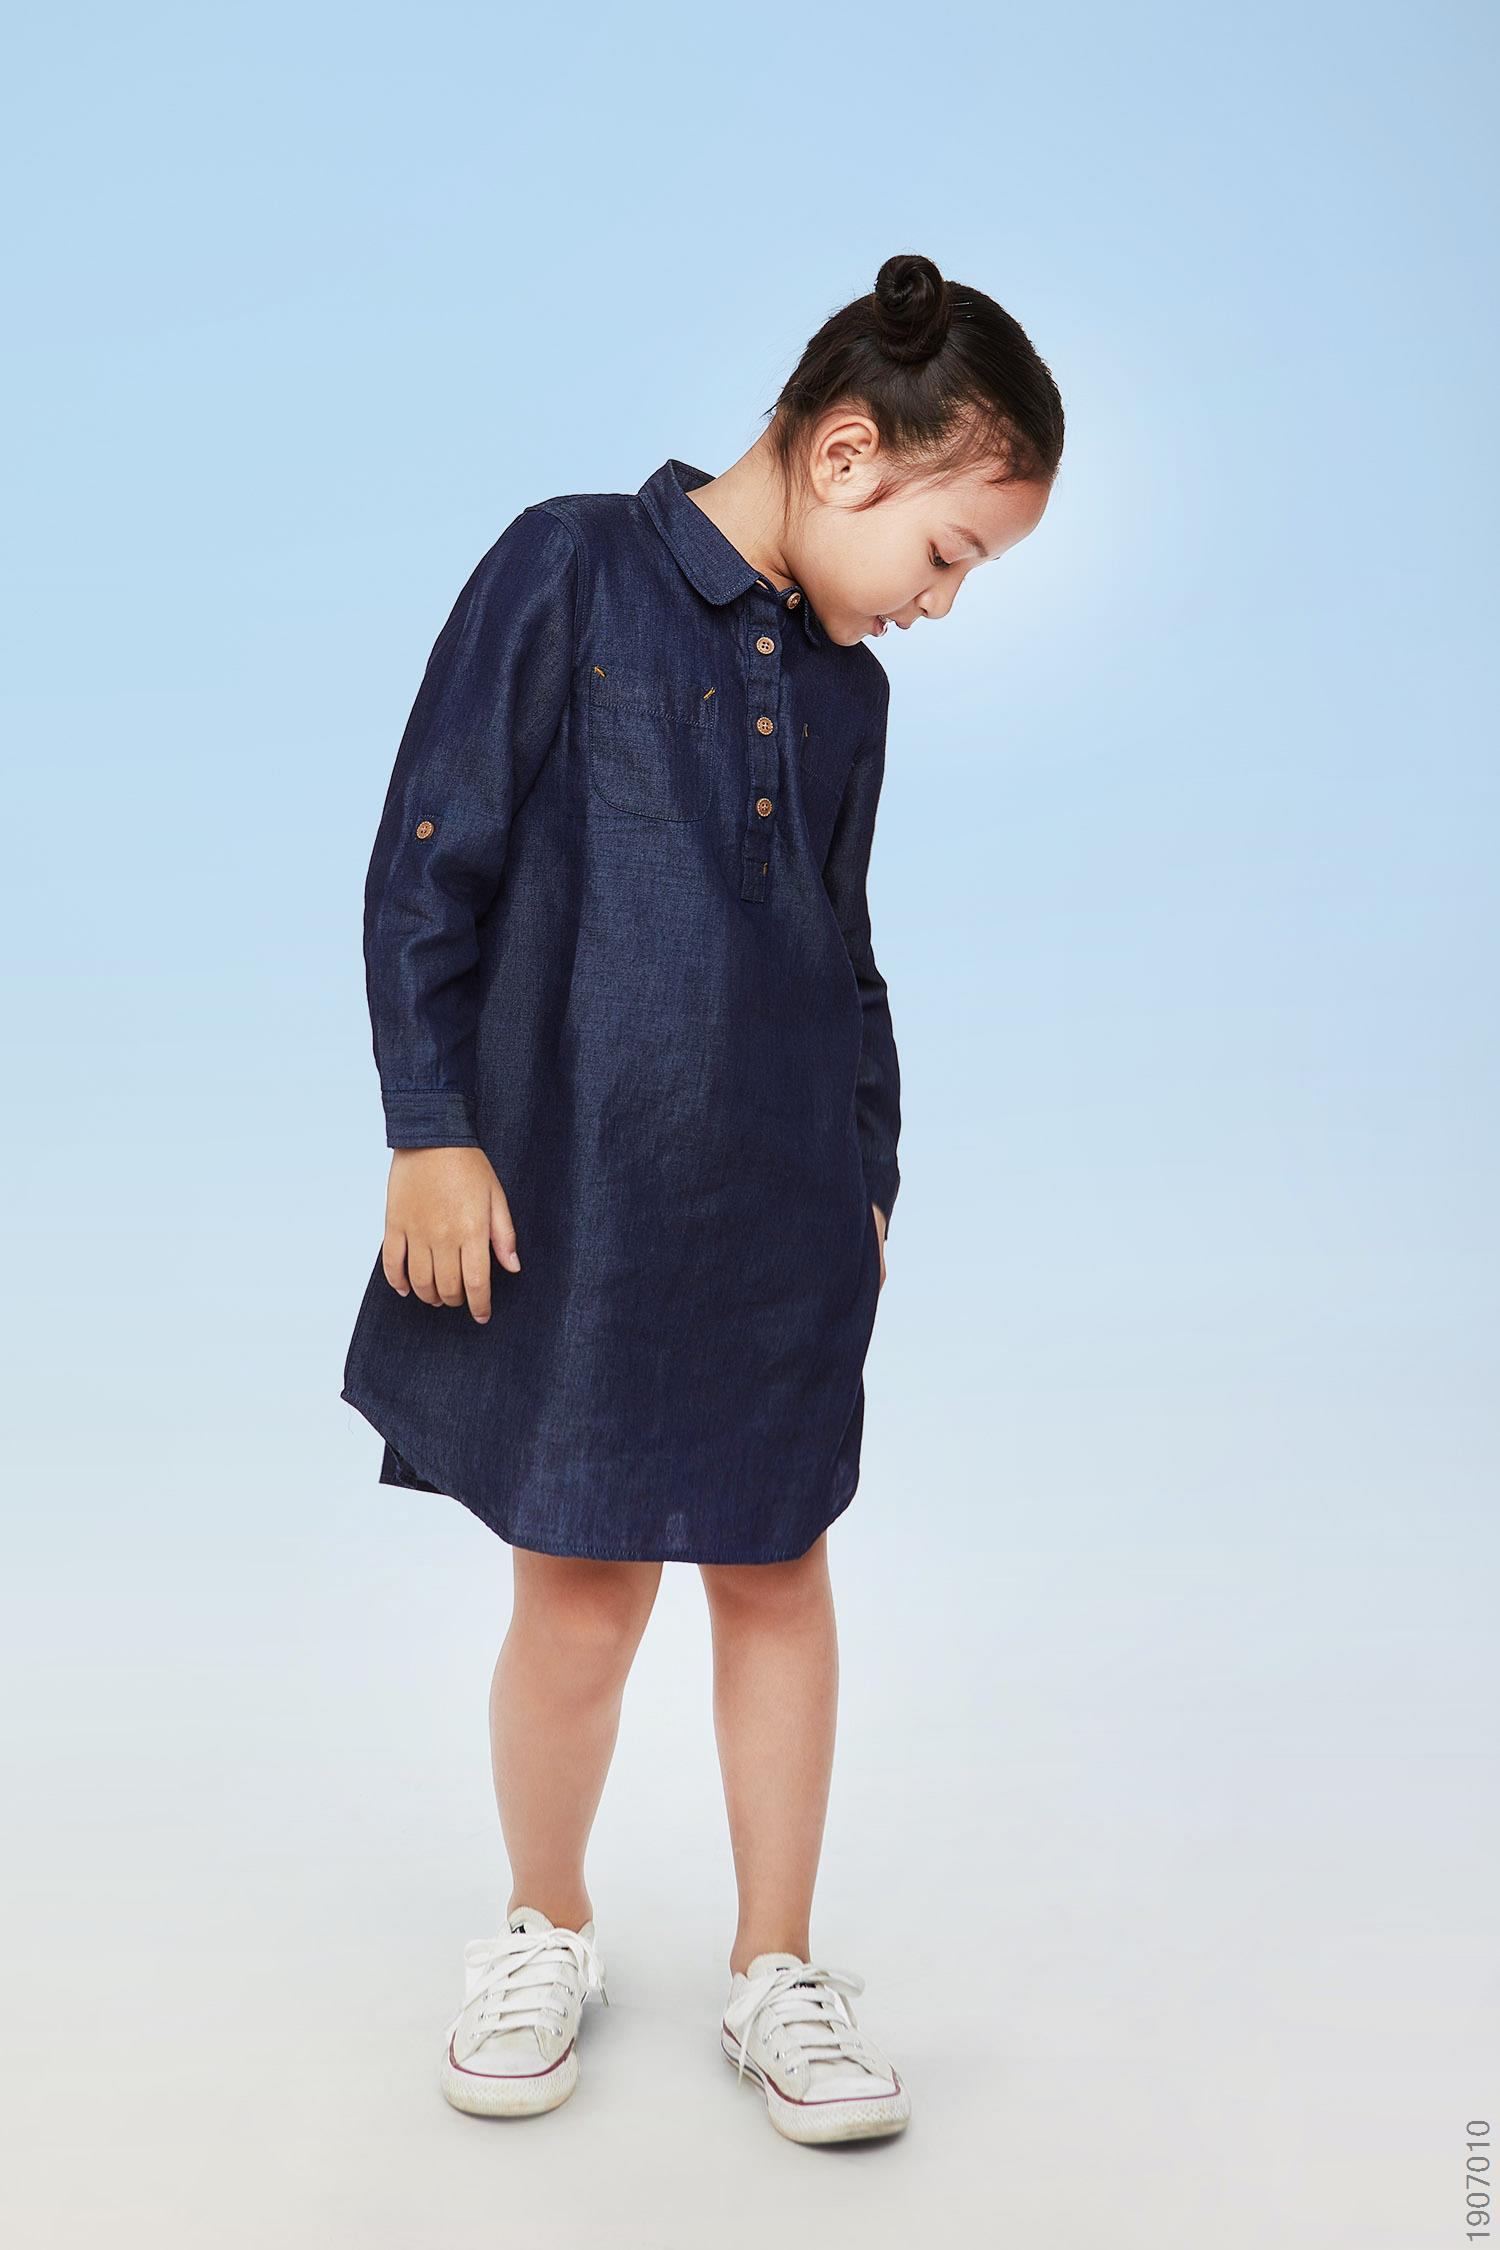 Đầm bé gái - 1907010